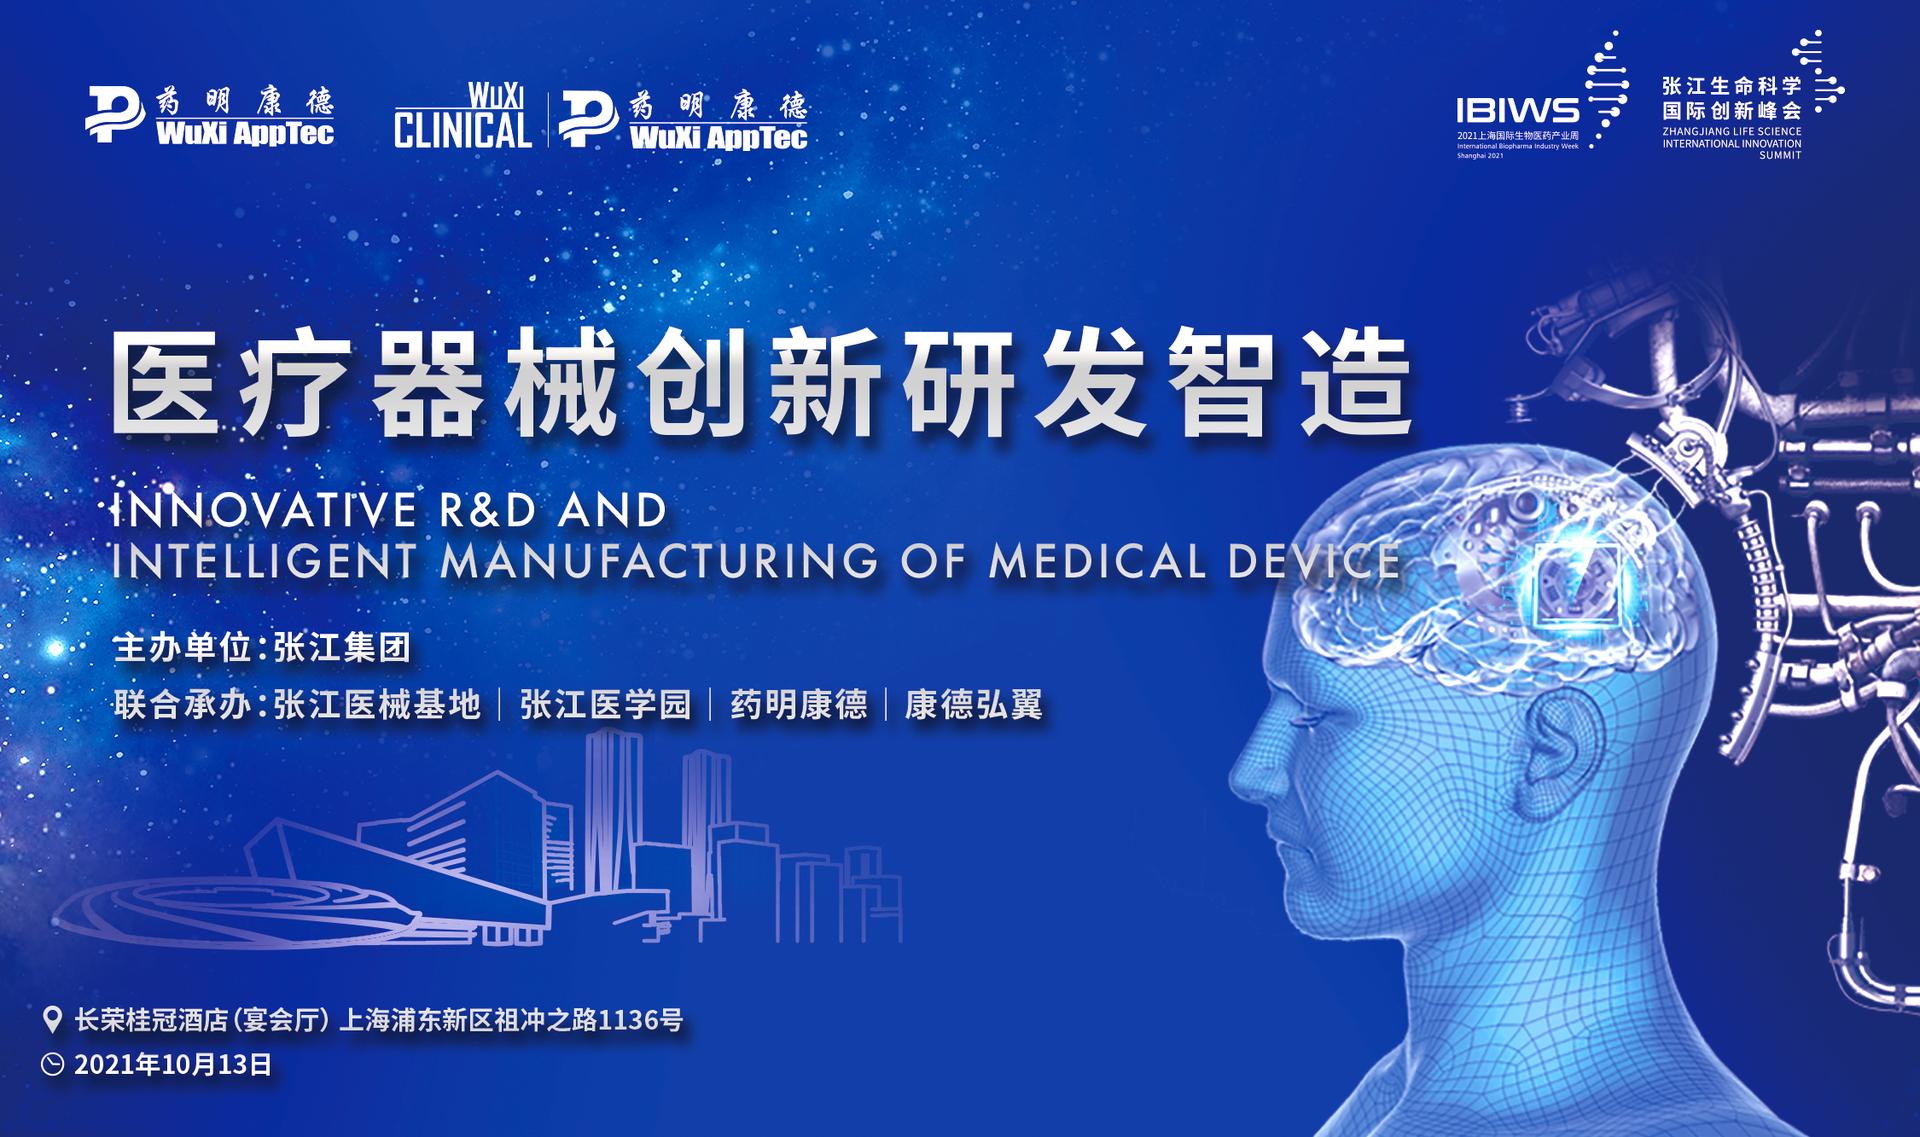 张江生命科学国际创新峰会——医疗器械创新研发智造高峰论坛